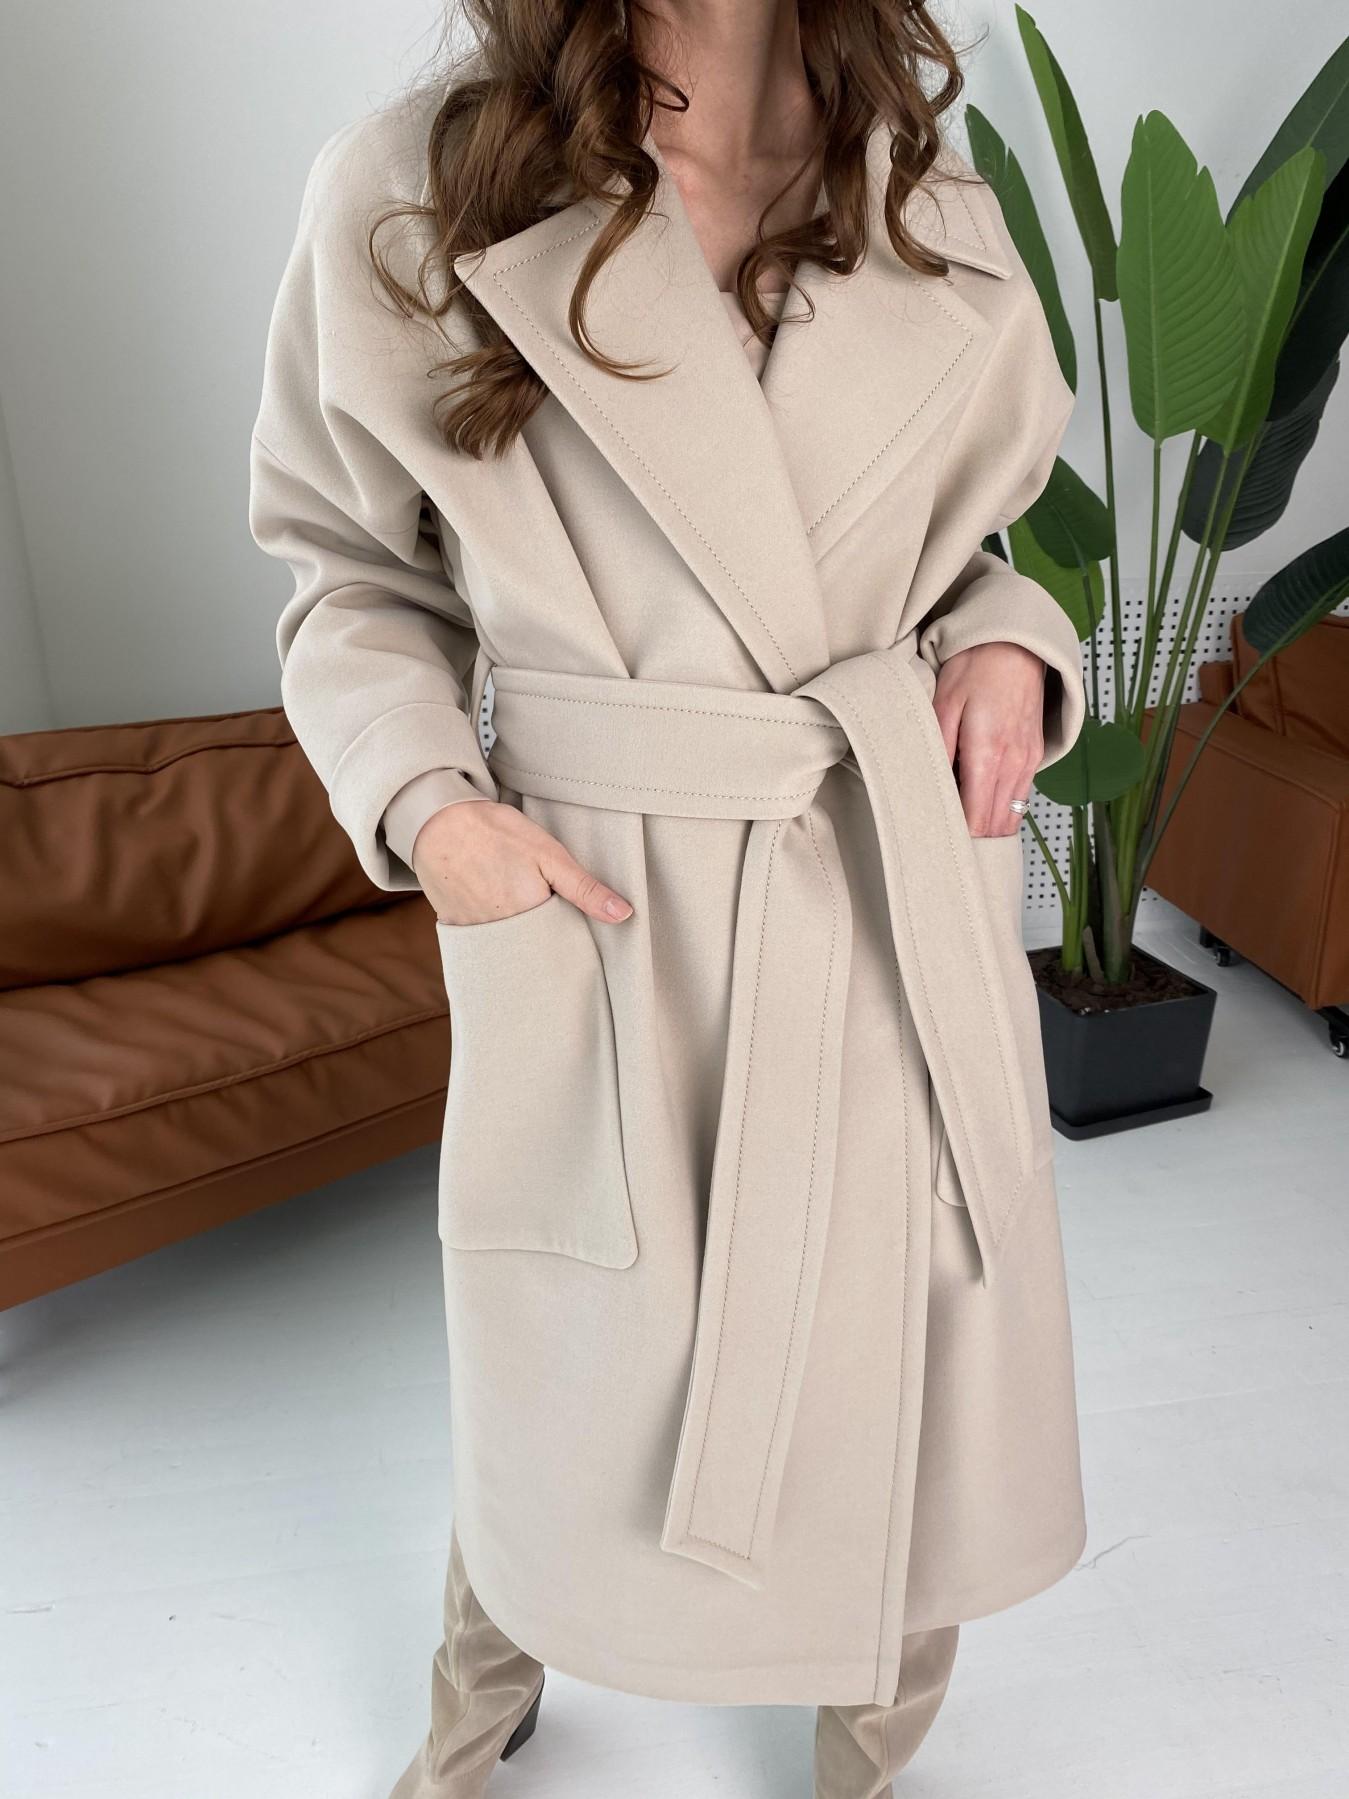 Кейт  пальто из кашемира 10539 АРТ. 46990 Цвет: Бежевый Светлый - фото 10, интернет магазин tm-modus.ru